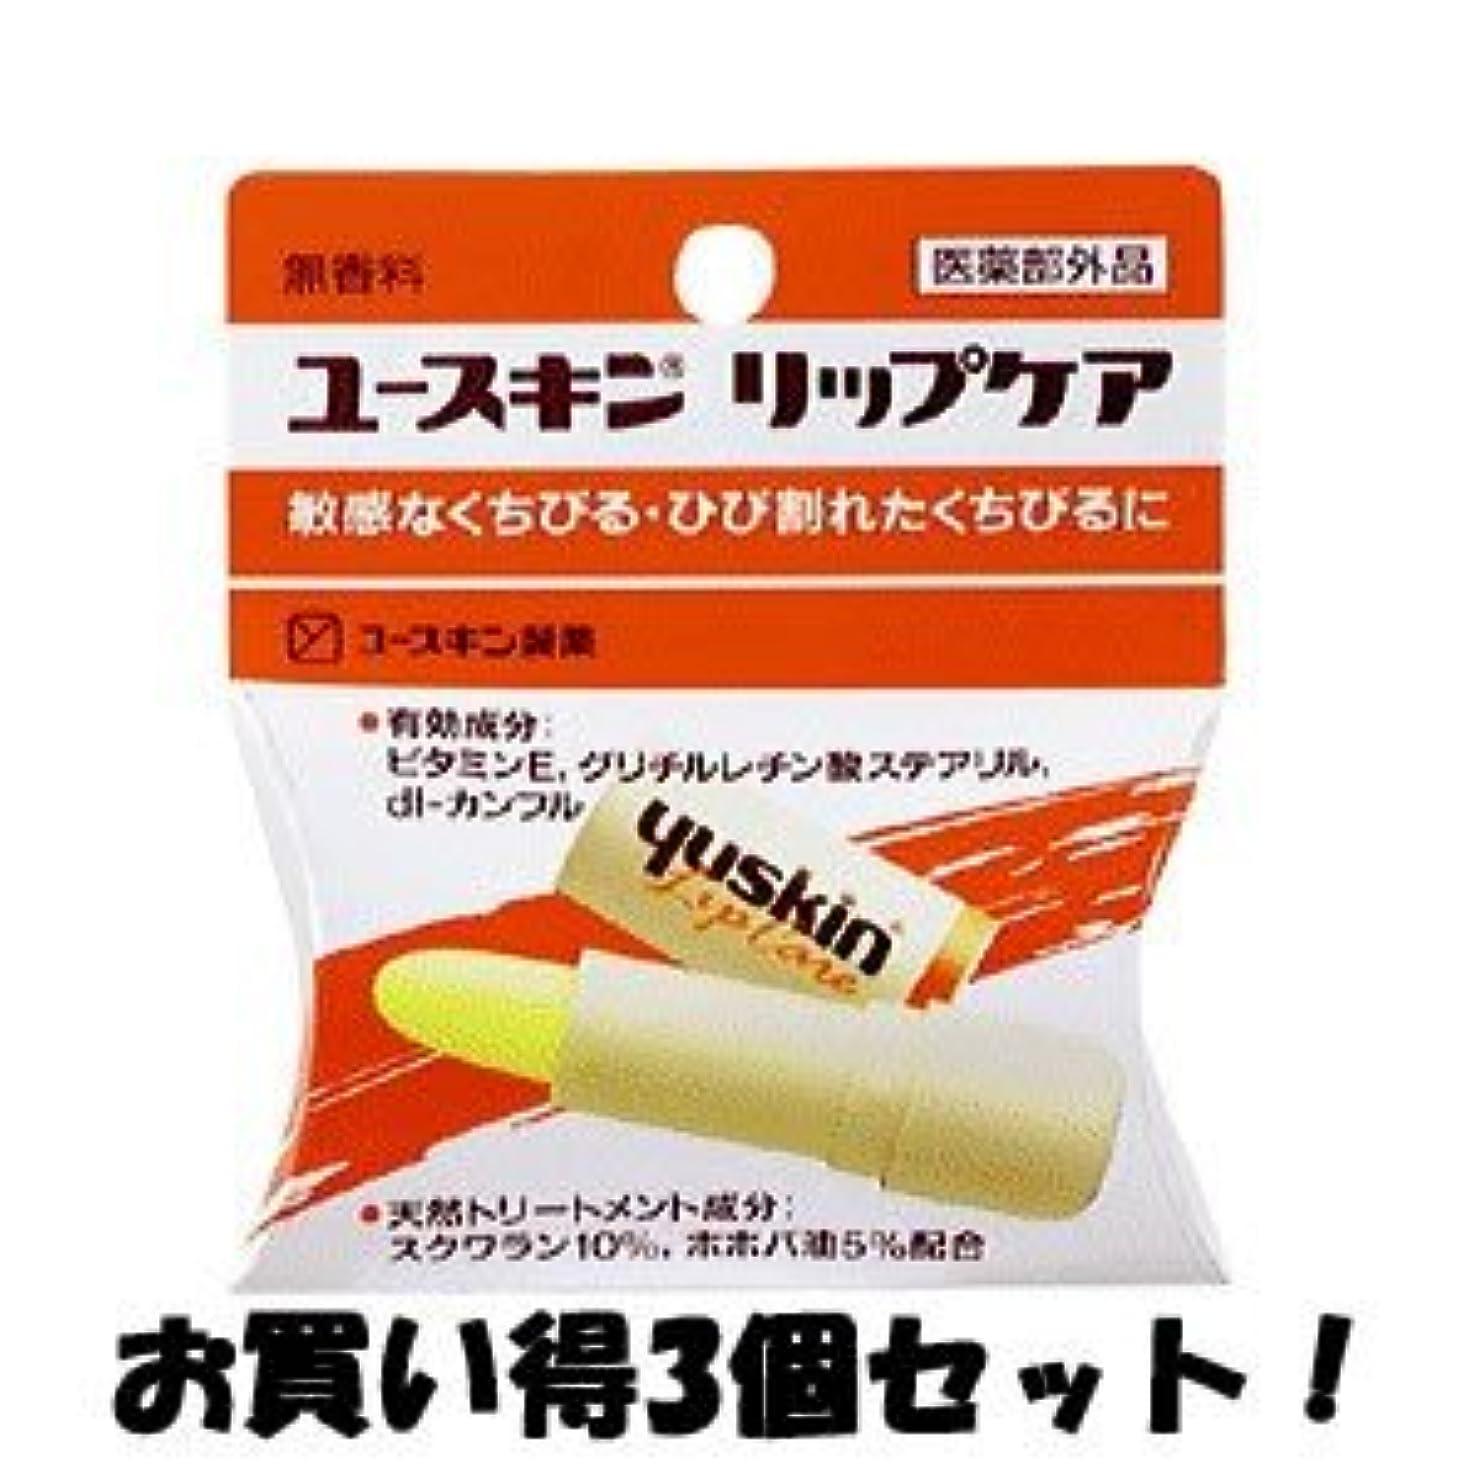 エクスタシー進化不調和(ユースキン製薬)ユースキン リップケア 3.5g(医薬部外品)(お買い得3個セット)